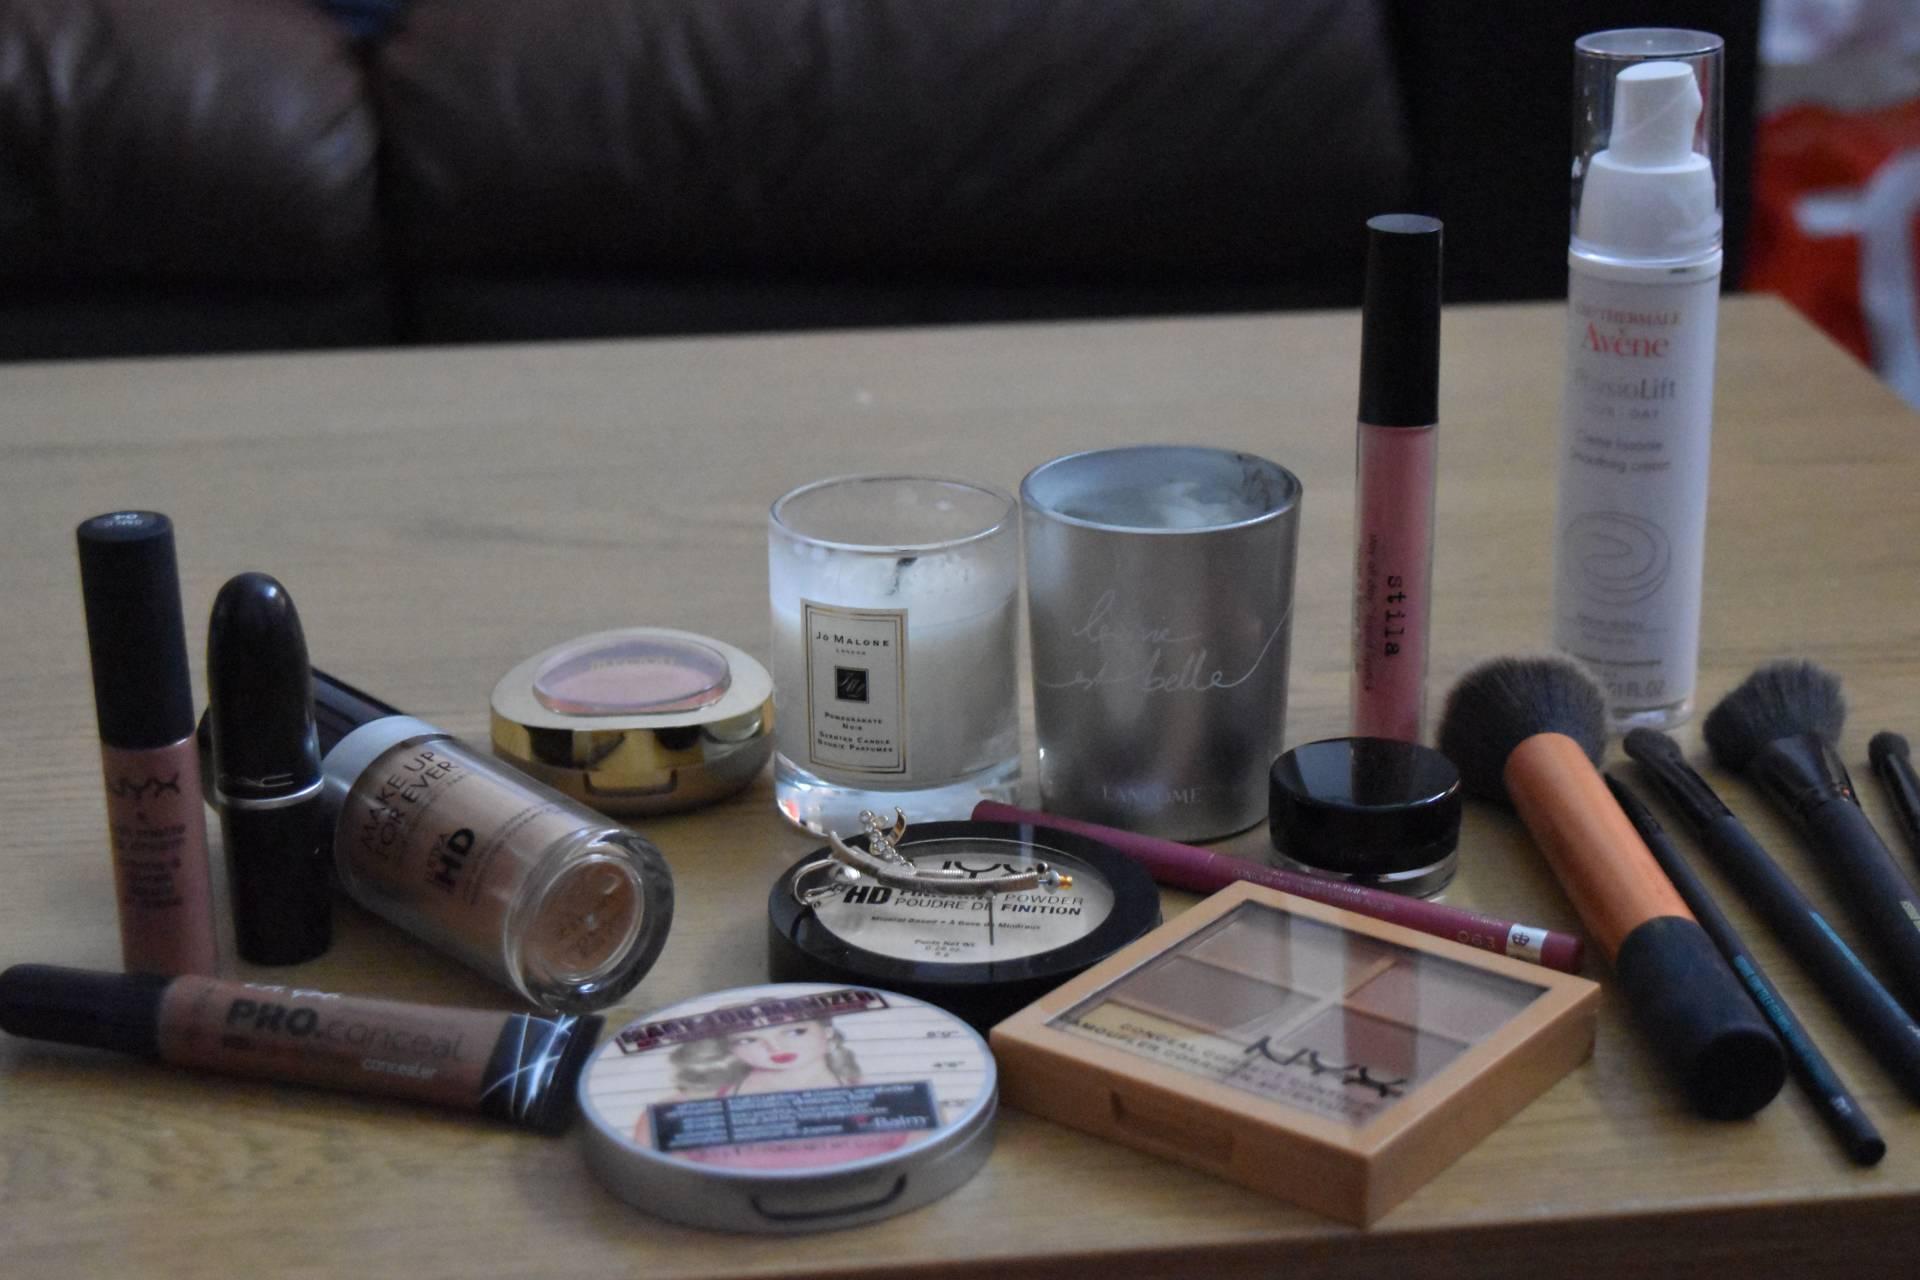 My makeup favourites